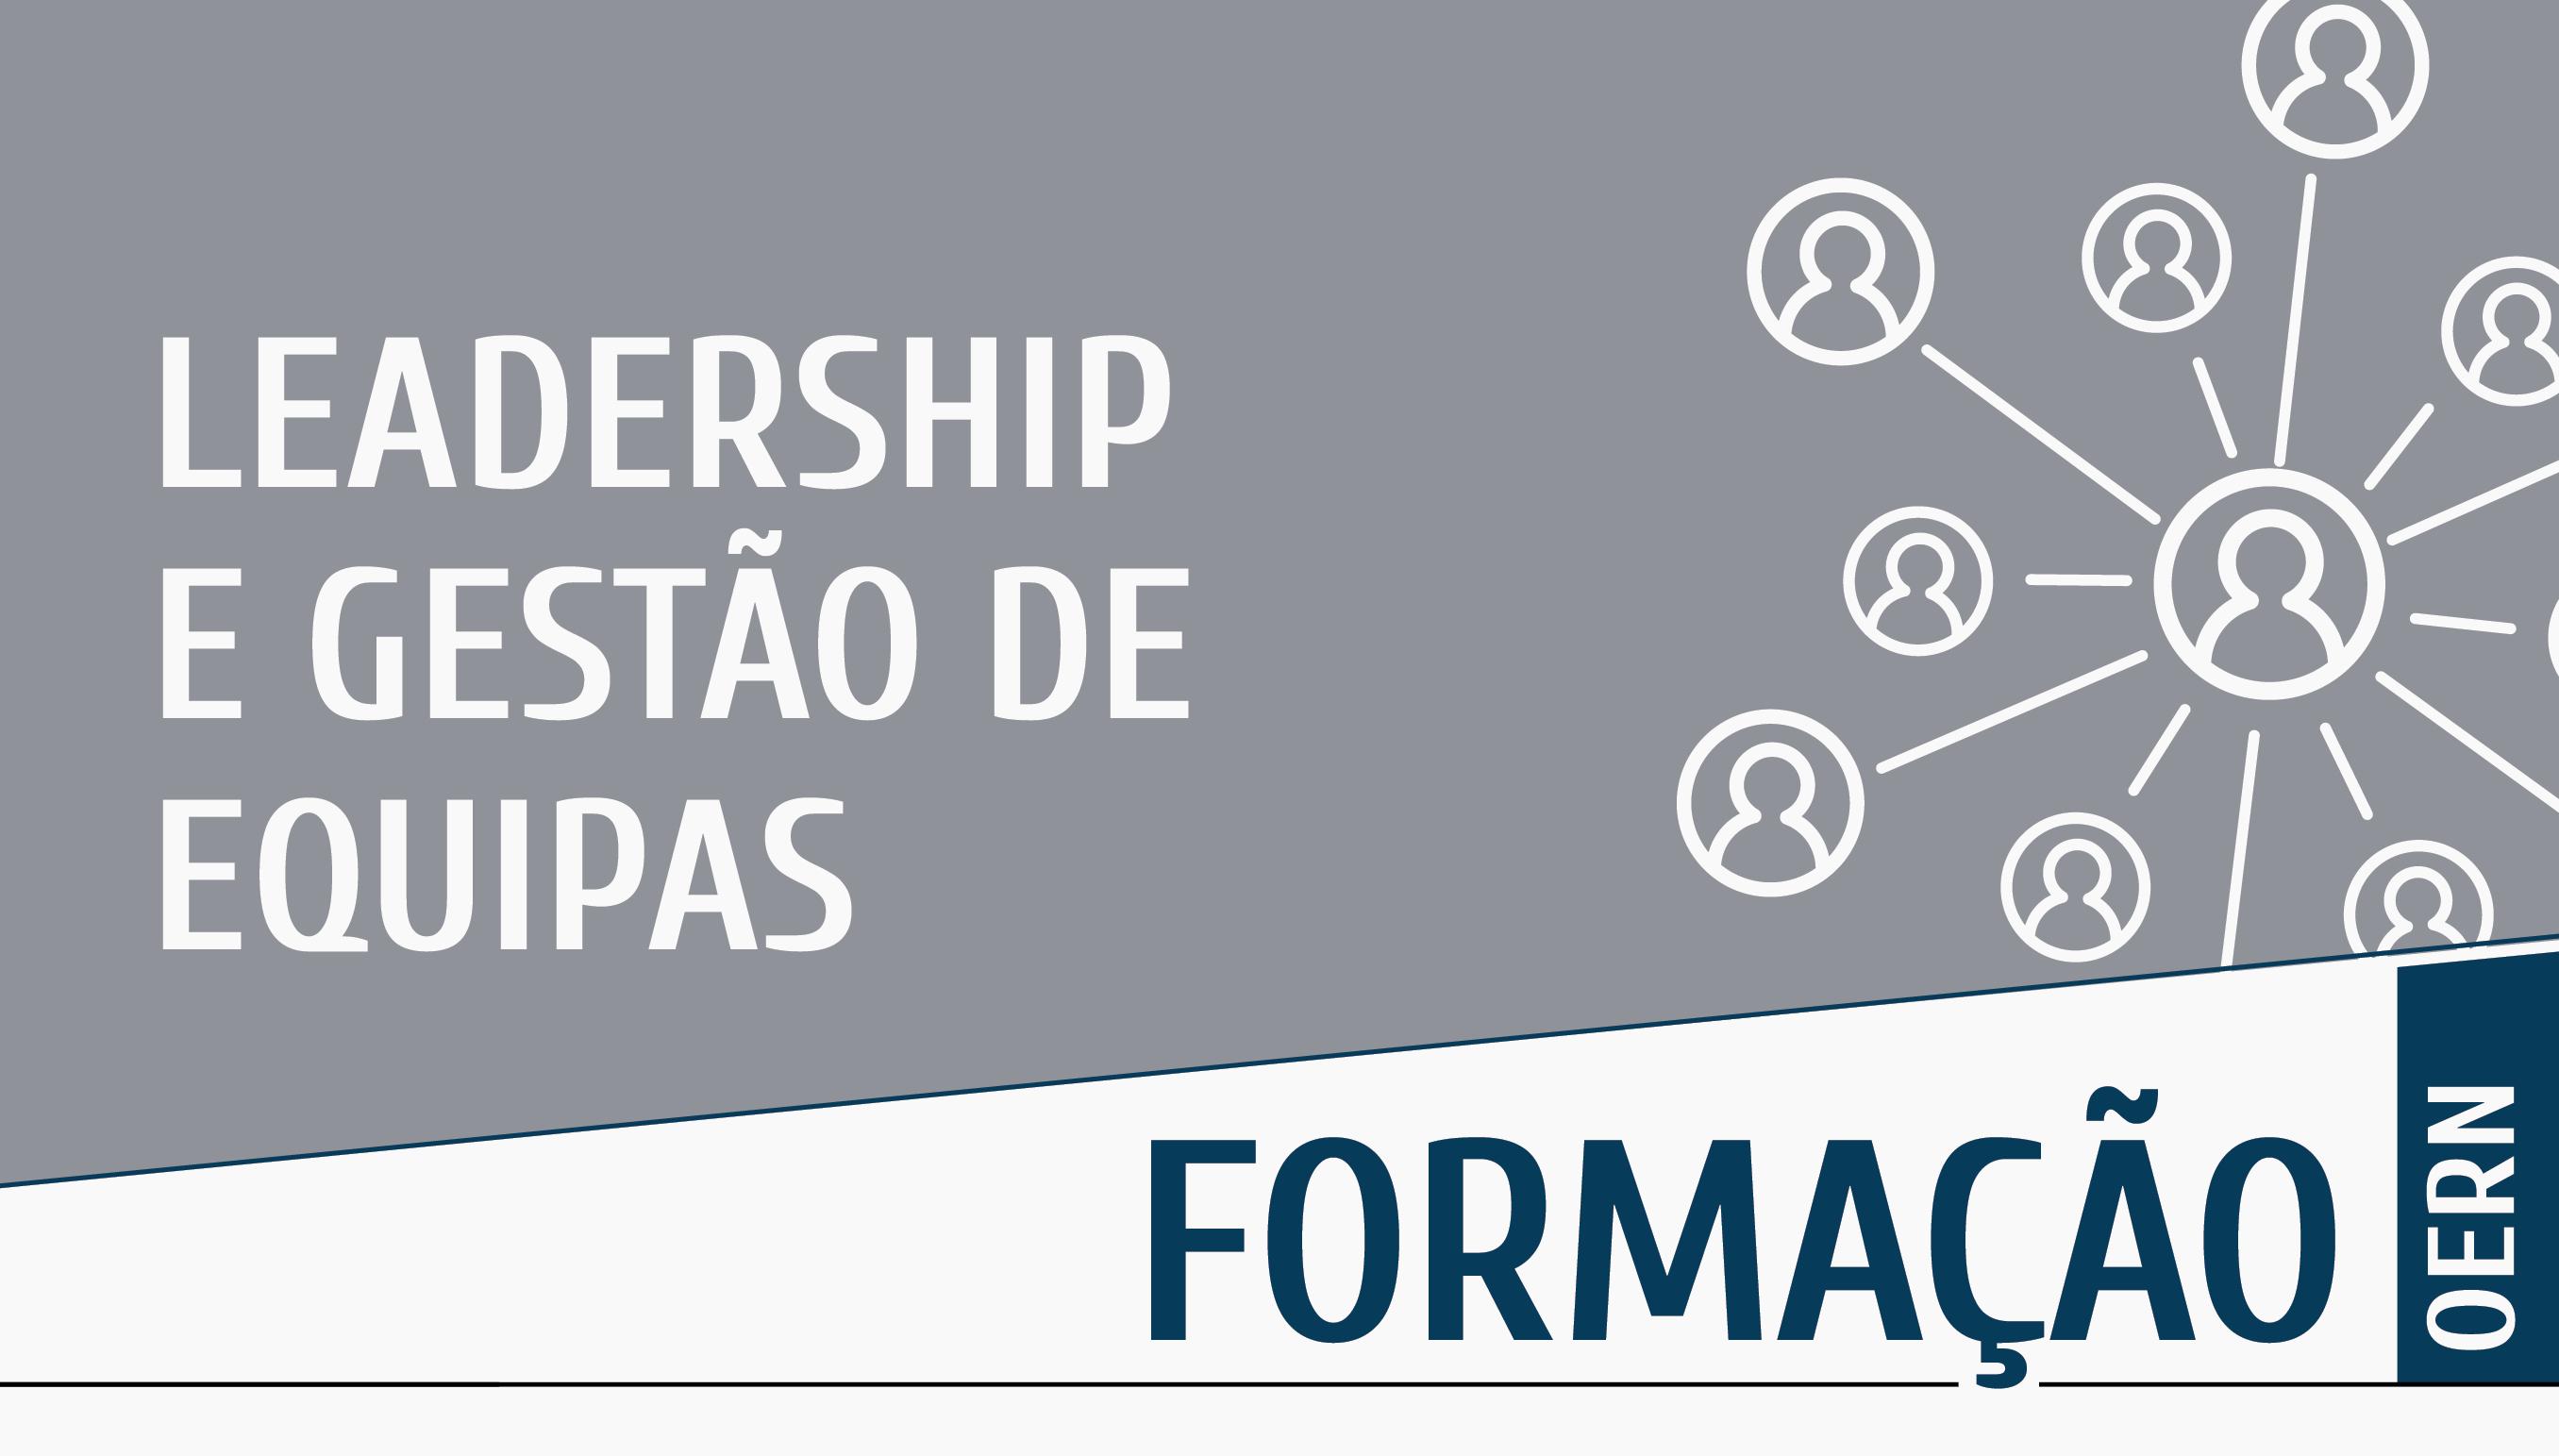 Plataforma Notícias Ordem Engenheiros Região Norte - Leadership e Gestão de Equipas